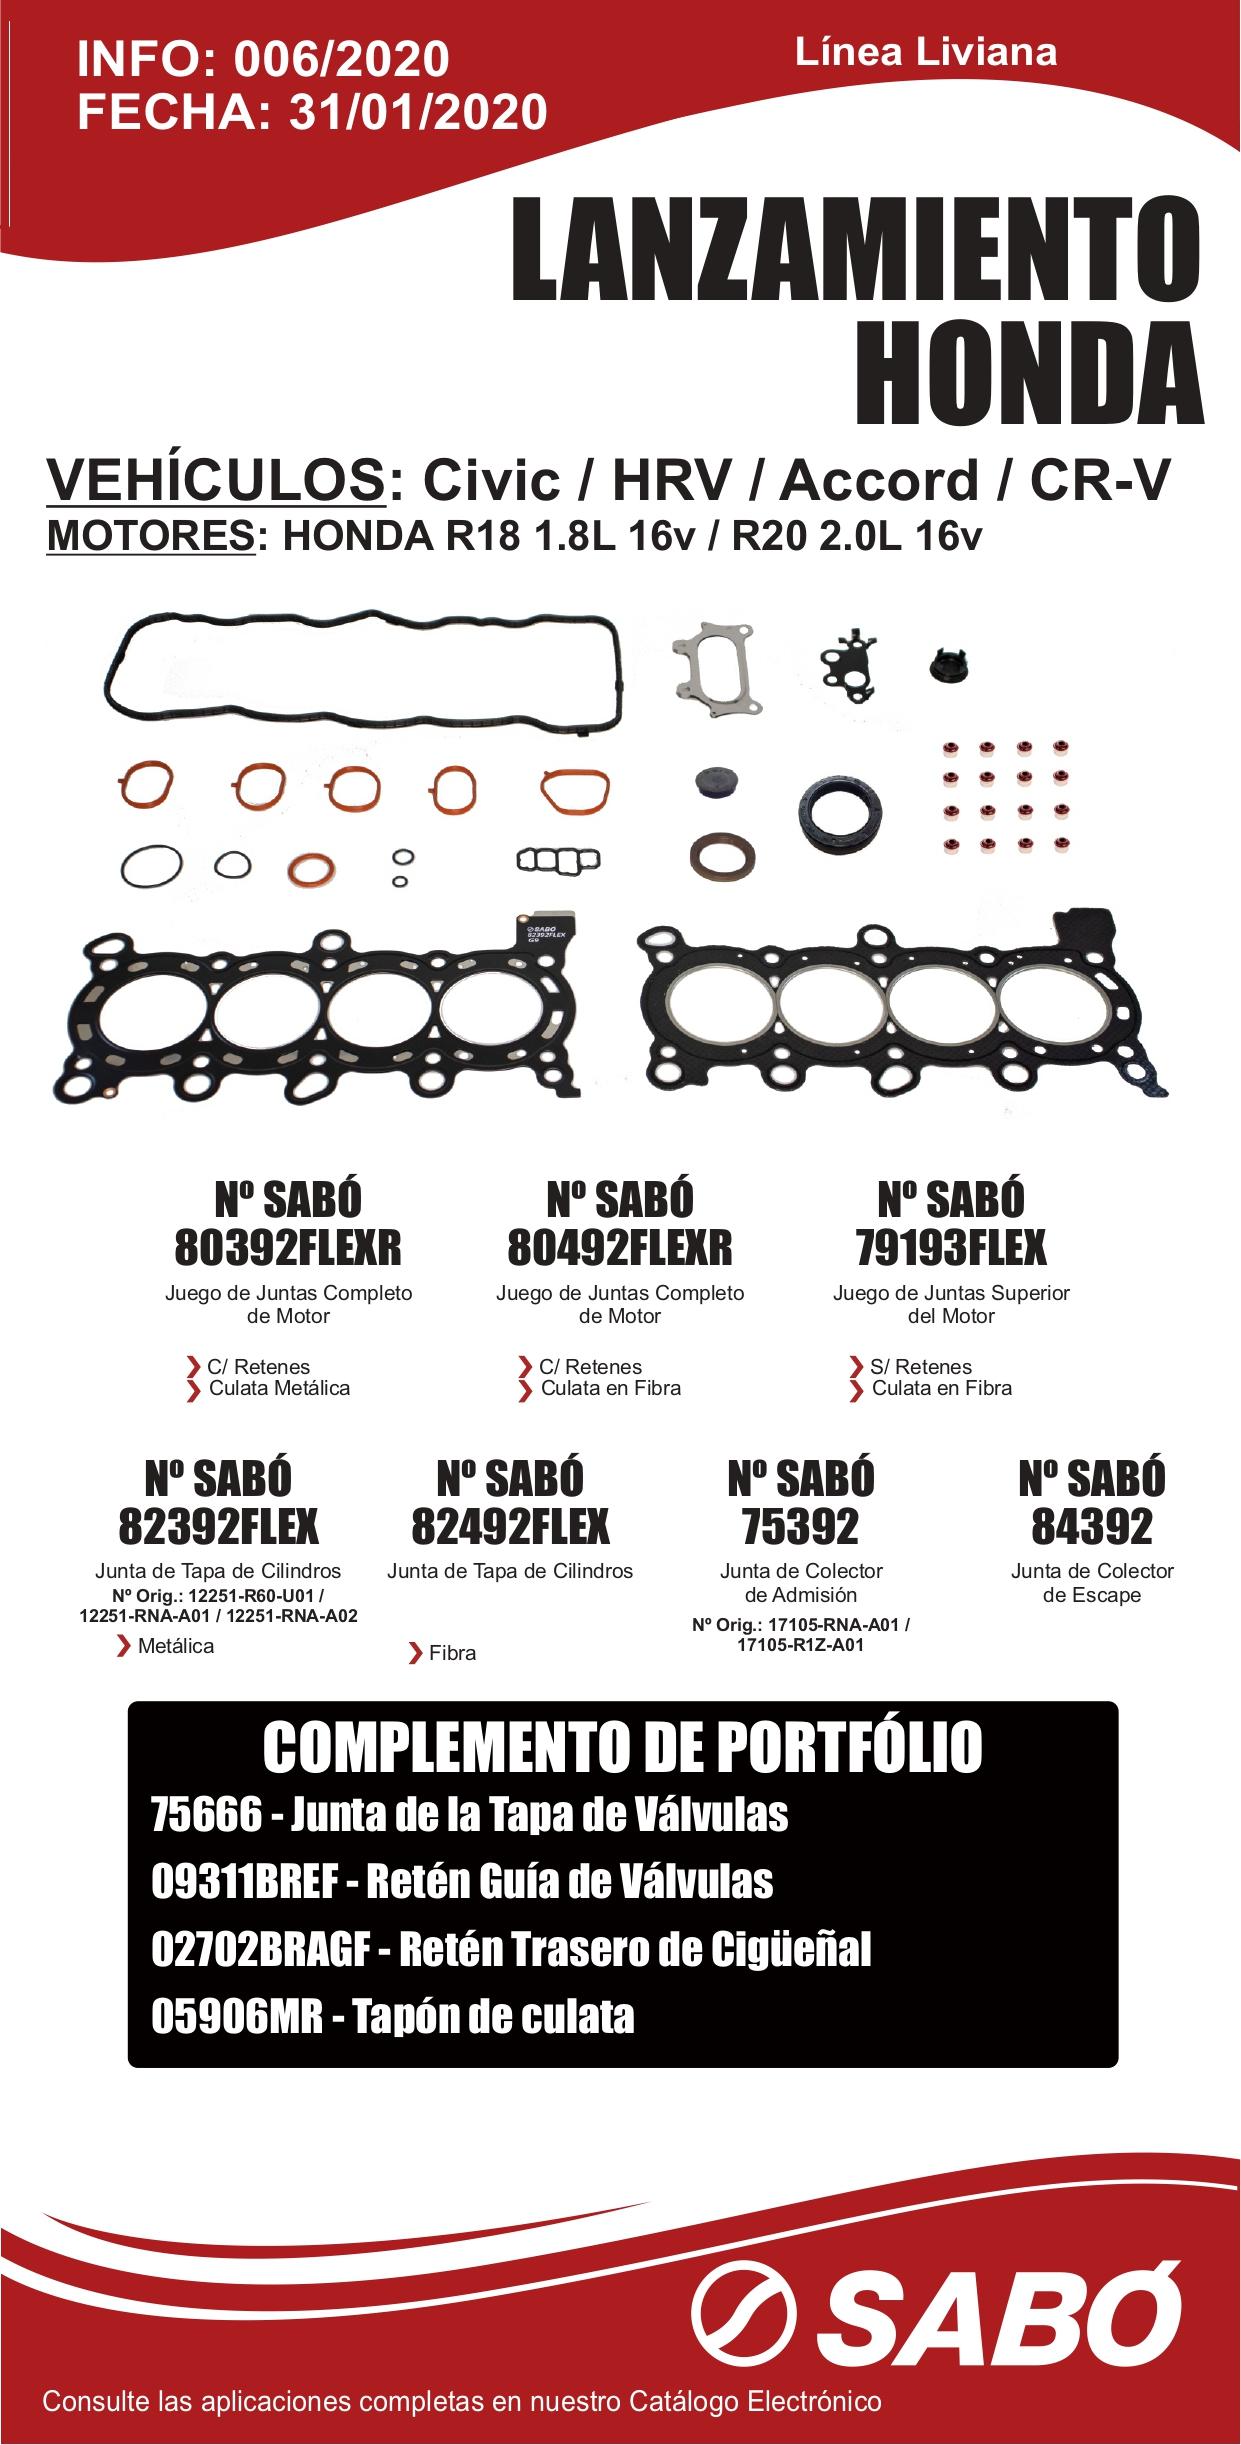 Info 006 Lanzamiento Honda Civic HRV Motor R18 R20 1.8L 16V 2.0L 16V Linea Liviana_page-0001